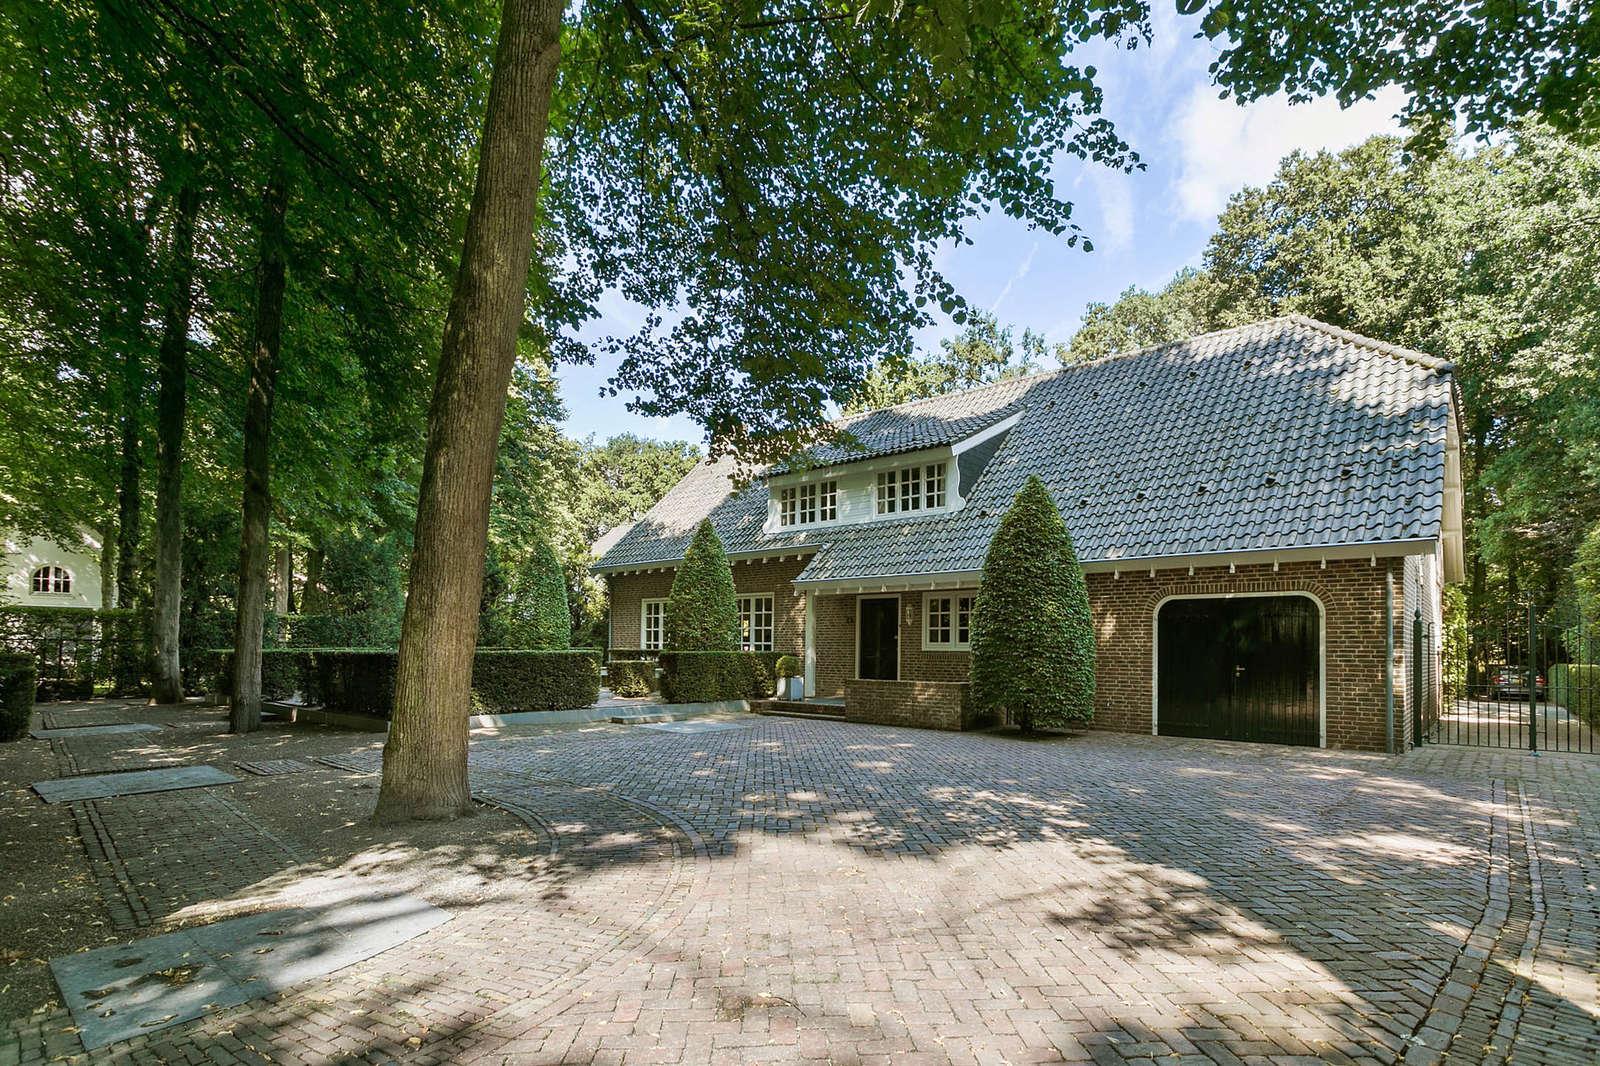 Berkenheuveldreef 5, villa Vught-Villapark